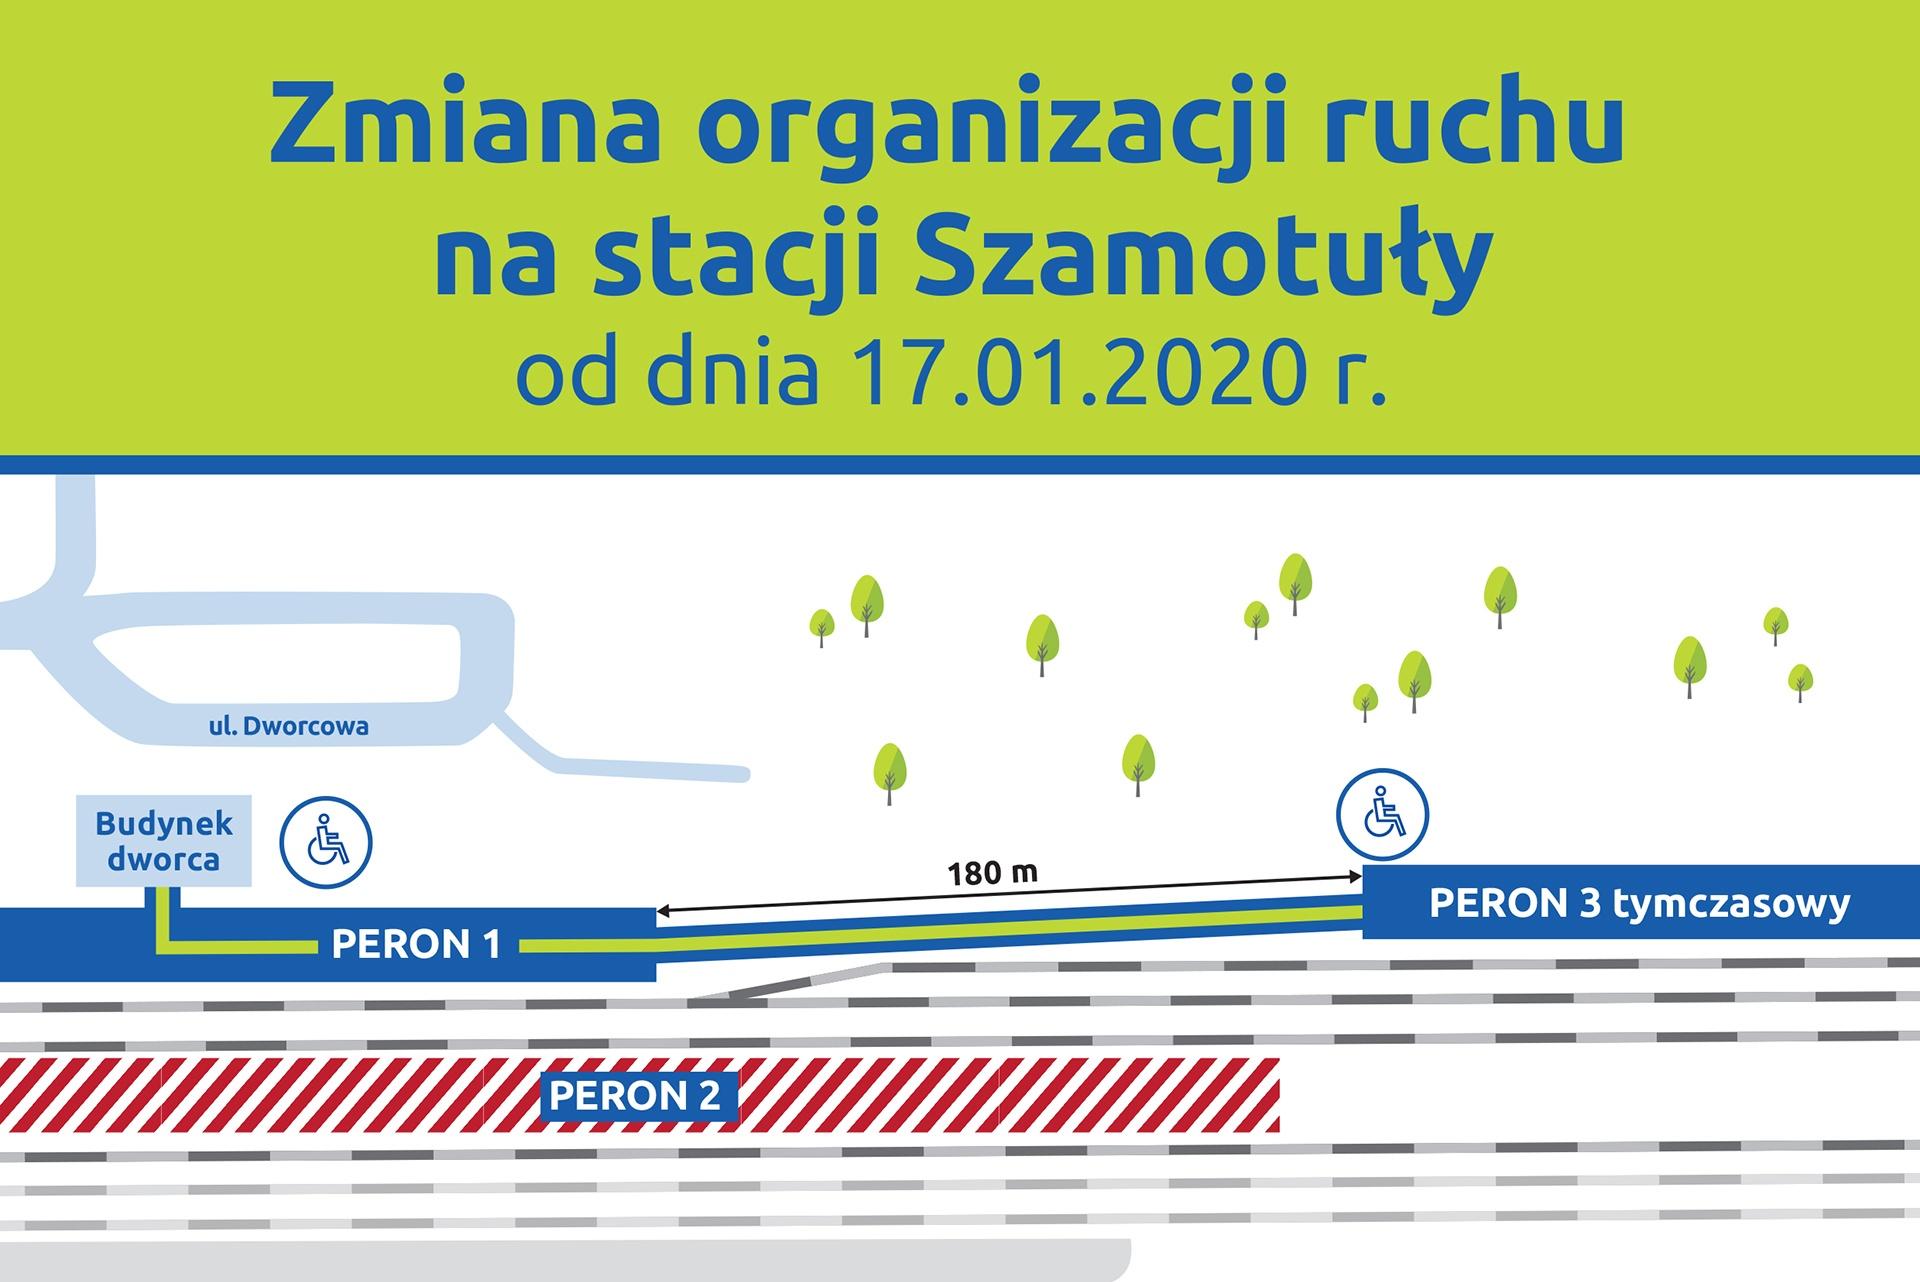 Infografika przedstawiająca zmianę organizacji ruchu na stacji Szamotuły